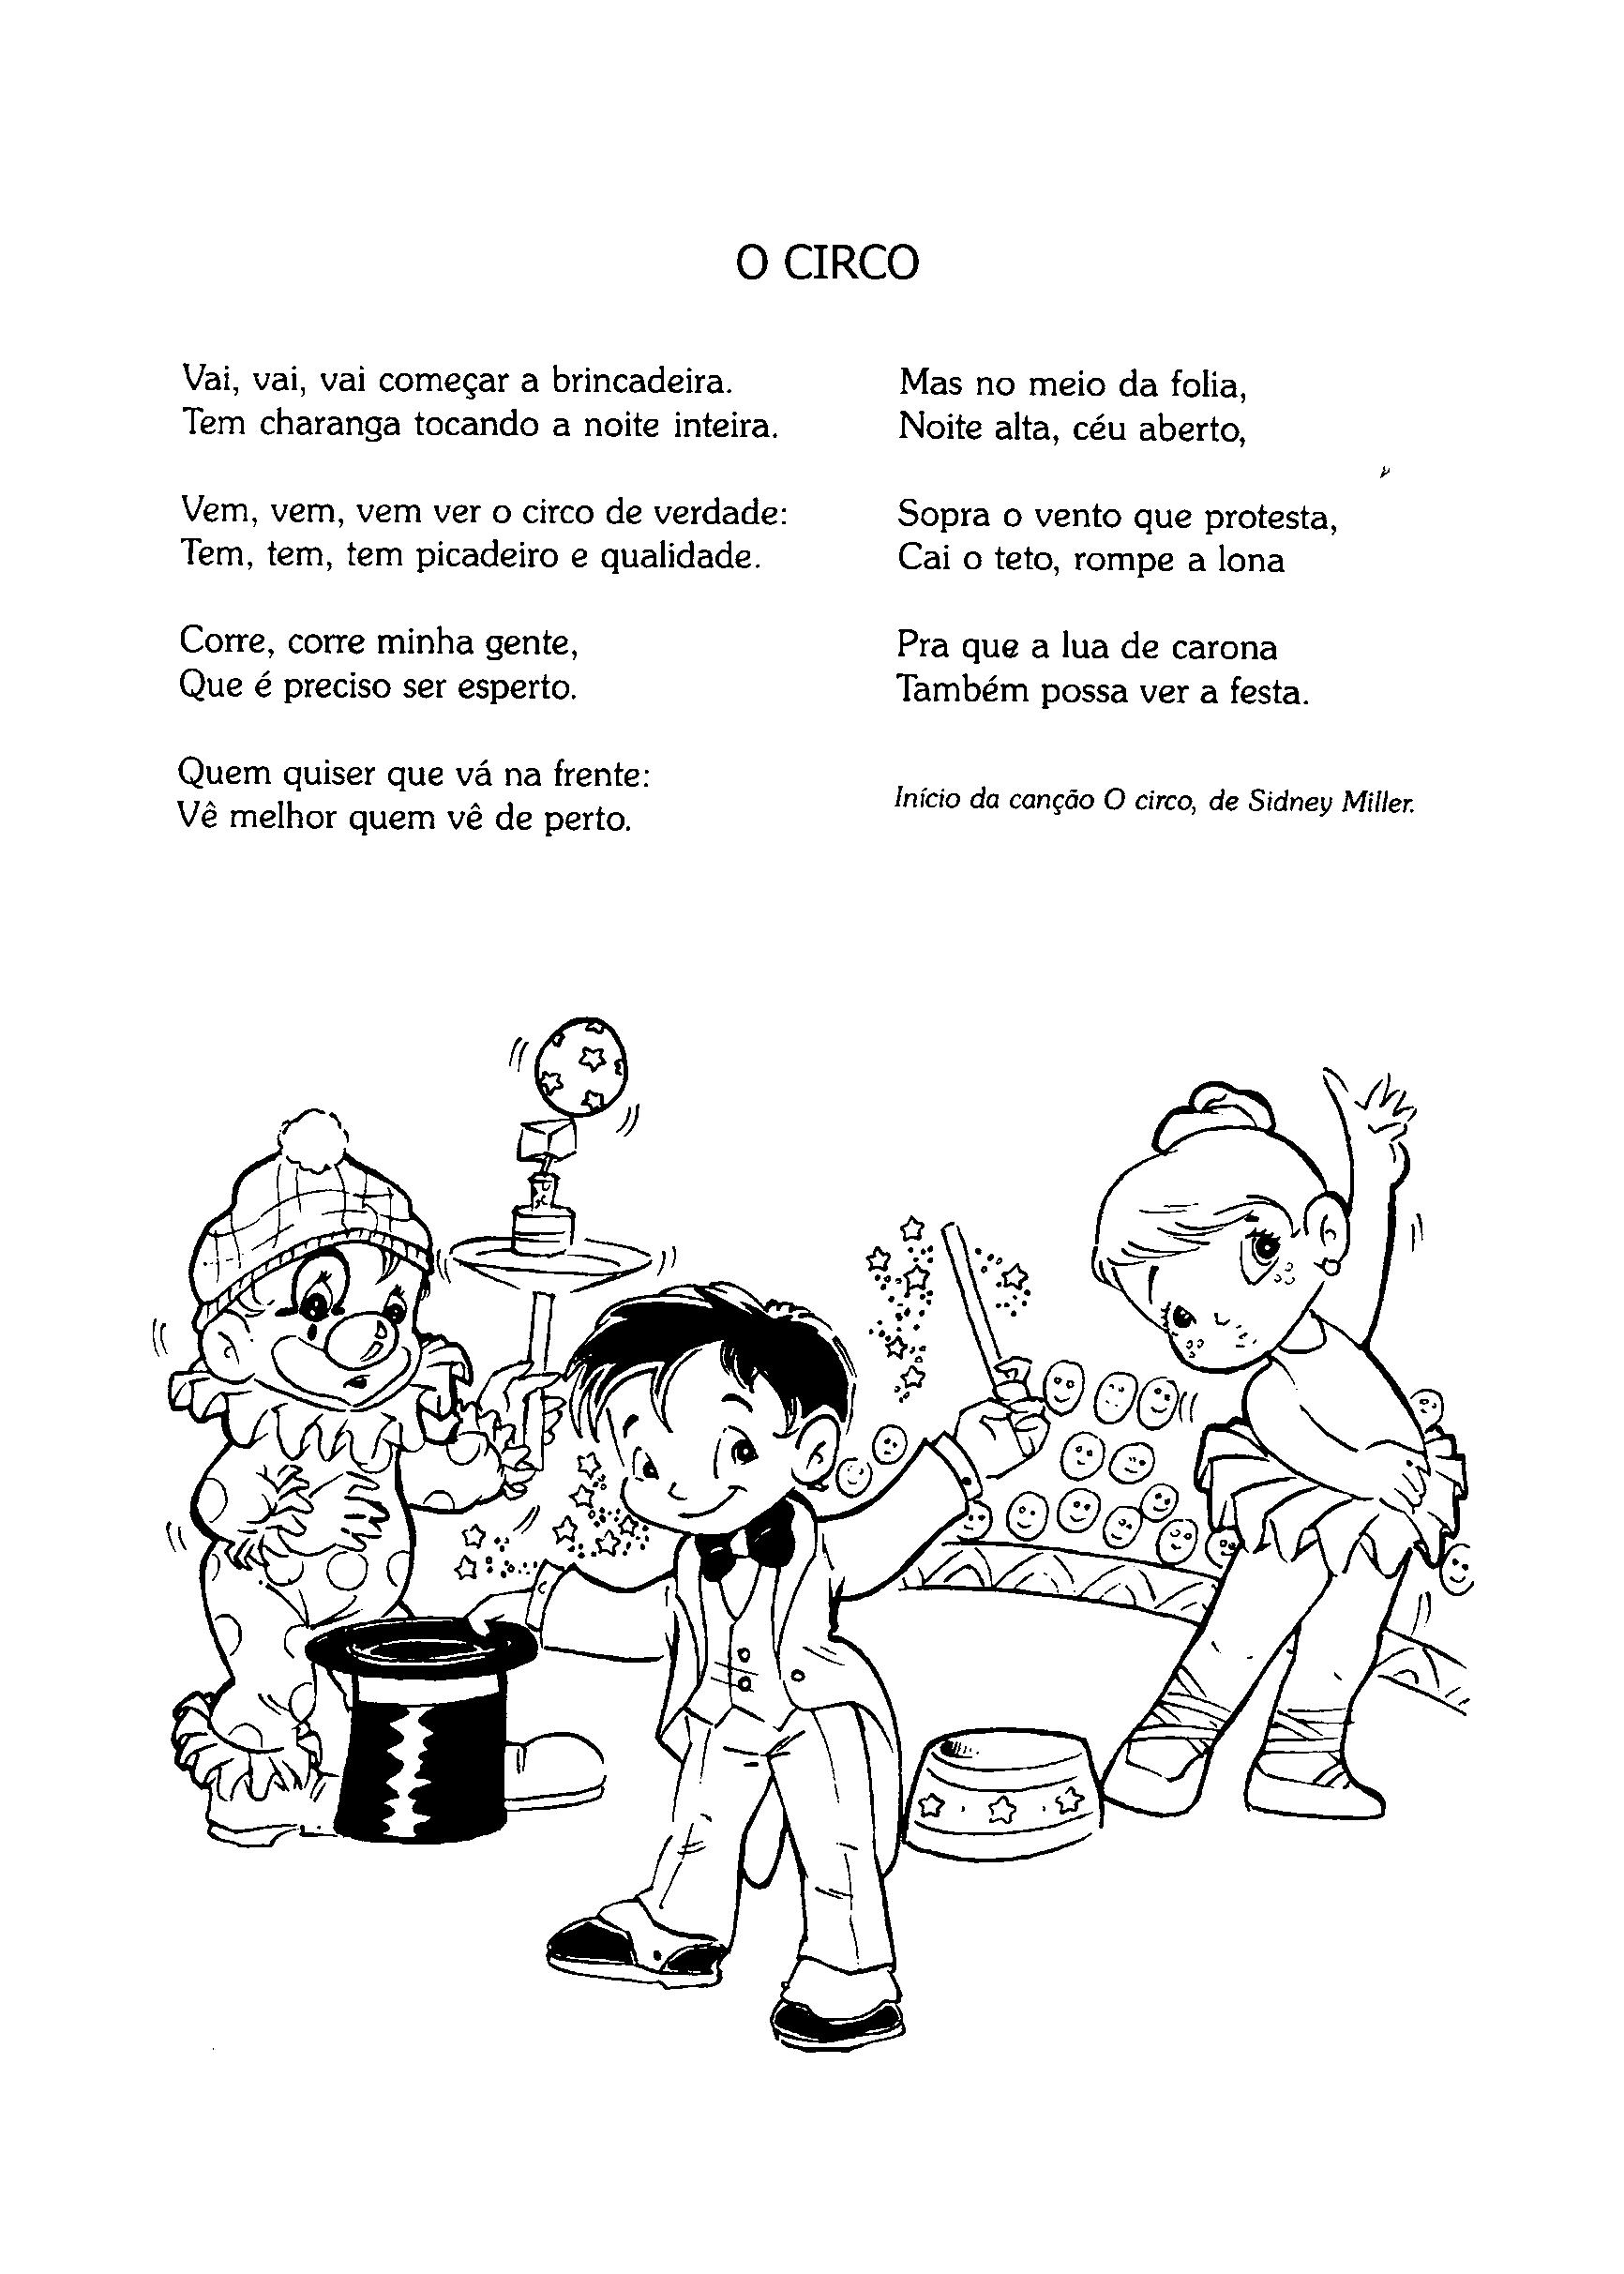 datas-marco-circo-letra-musica-circo